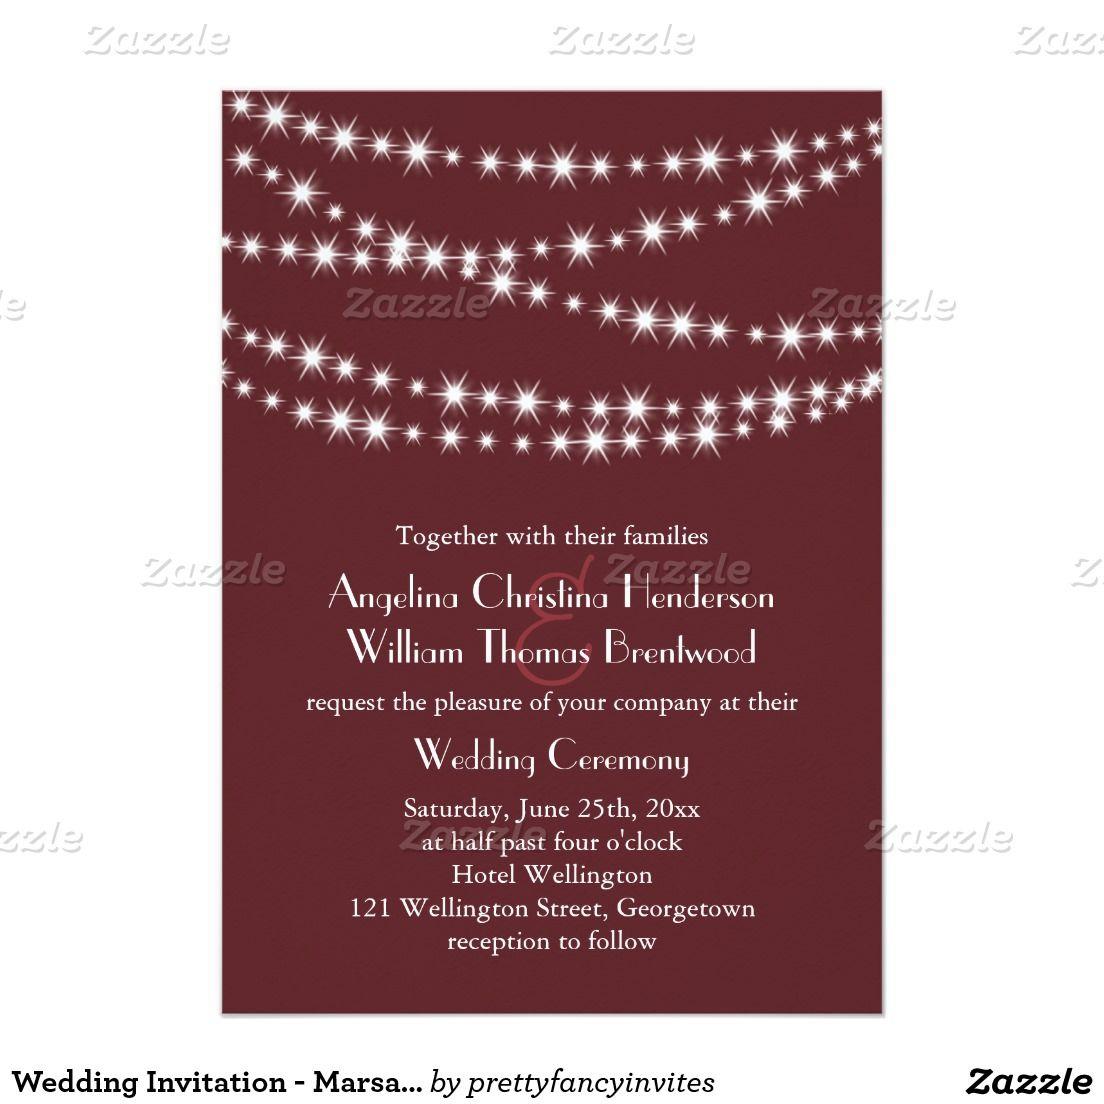 Wedding Invitation - Marsala Twinkle Lights